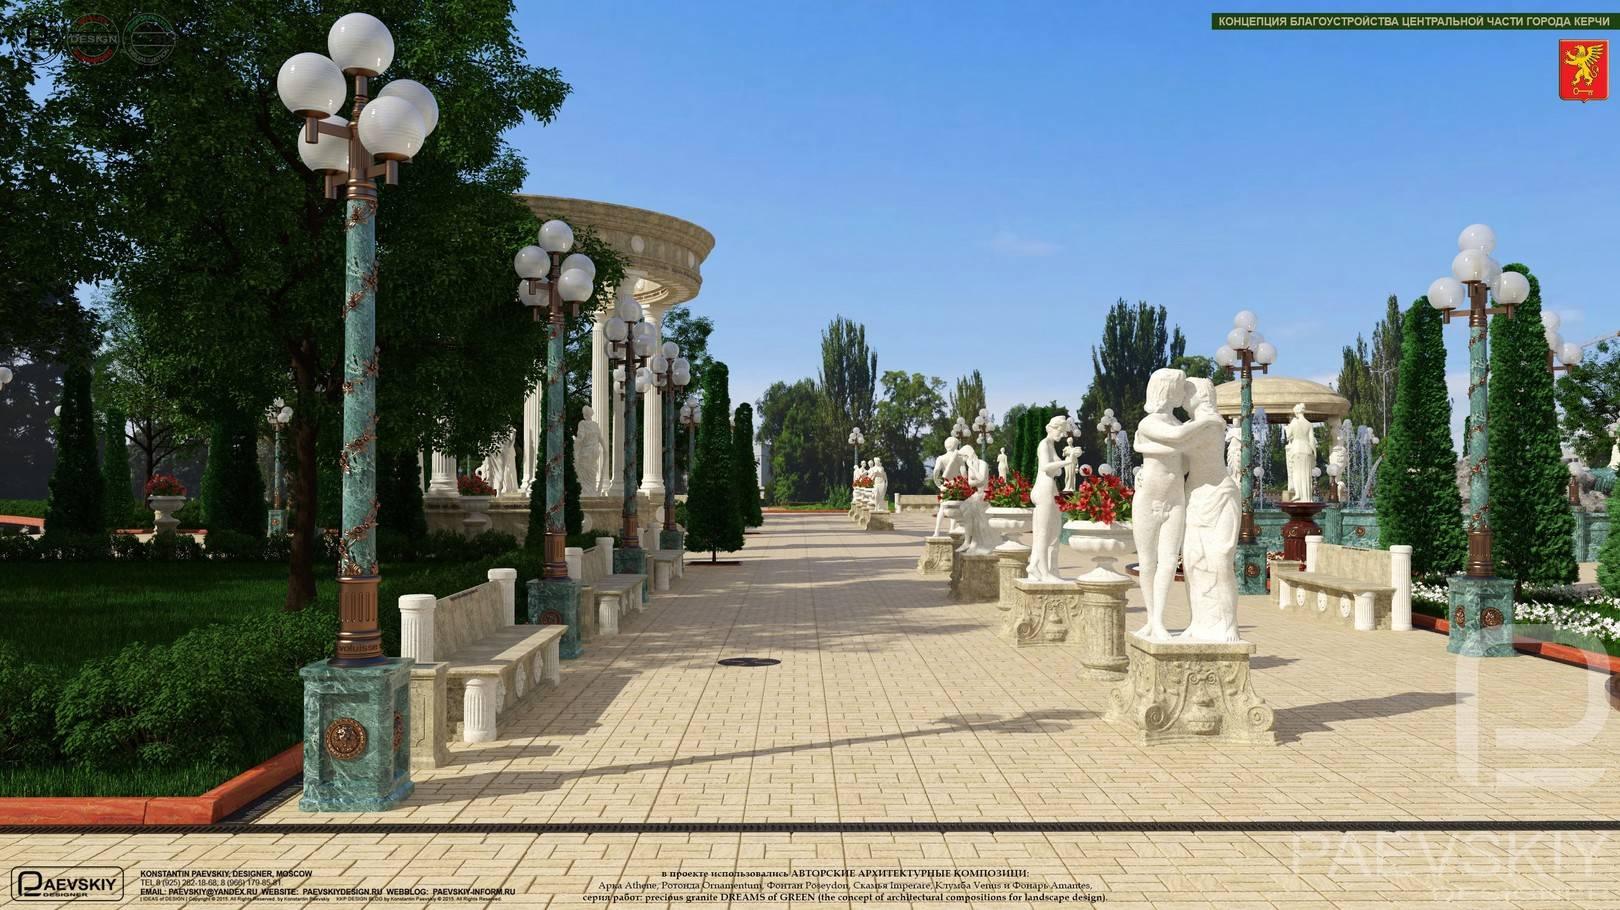 Концепция благоустройства центральной части города Керчи